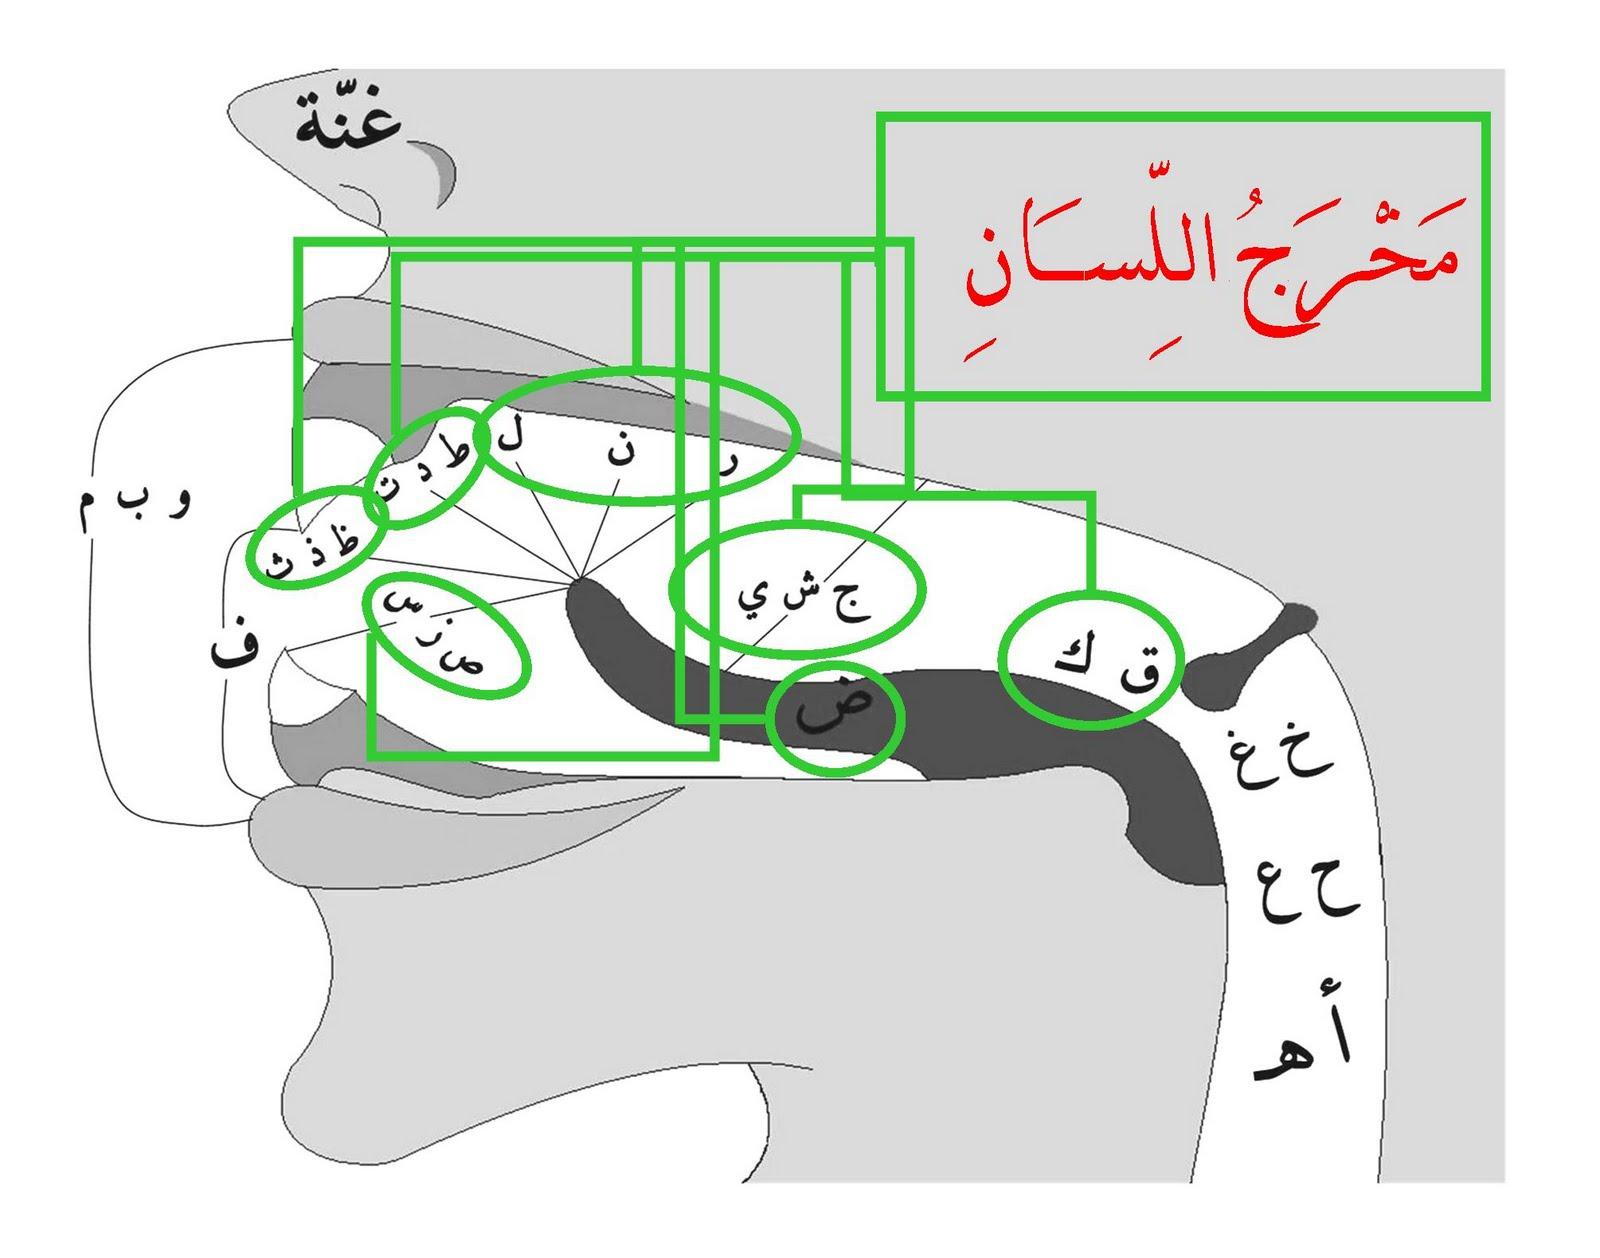 SUN3 KRAPYAK: Ayo... Mengenal Tajwid dalam Al Quran